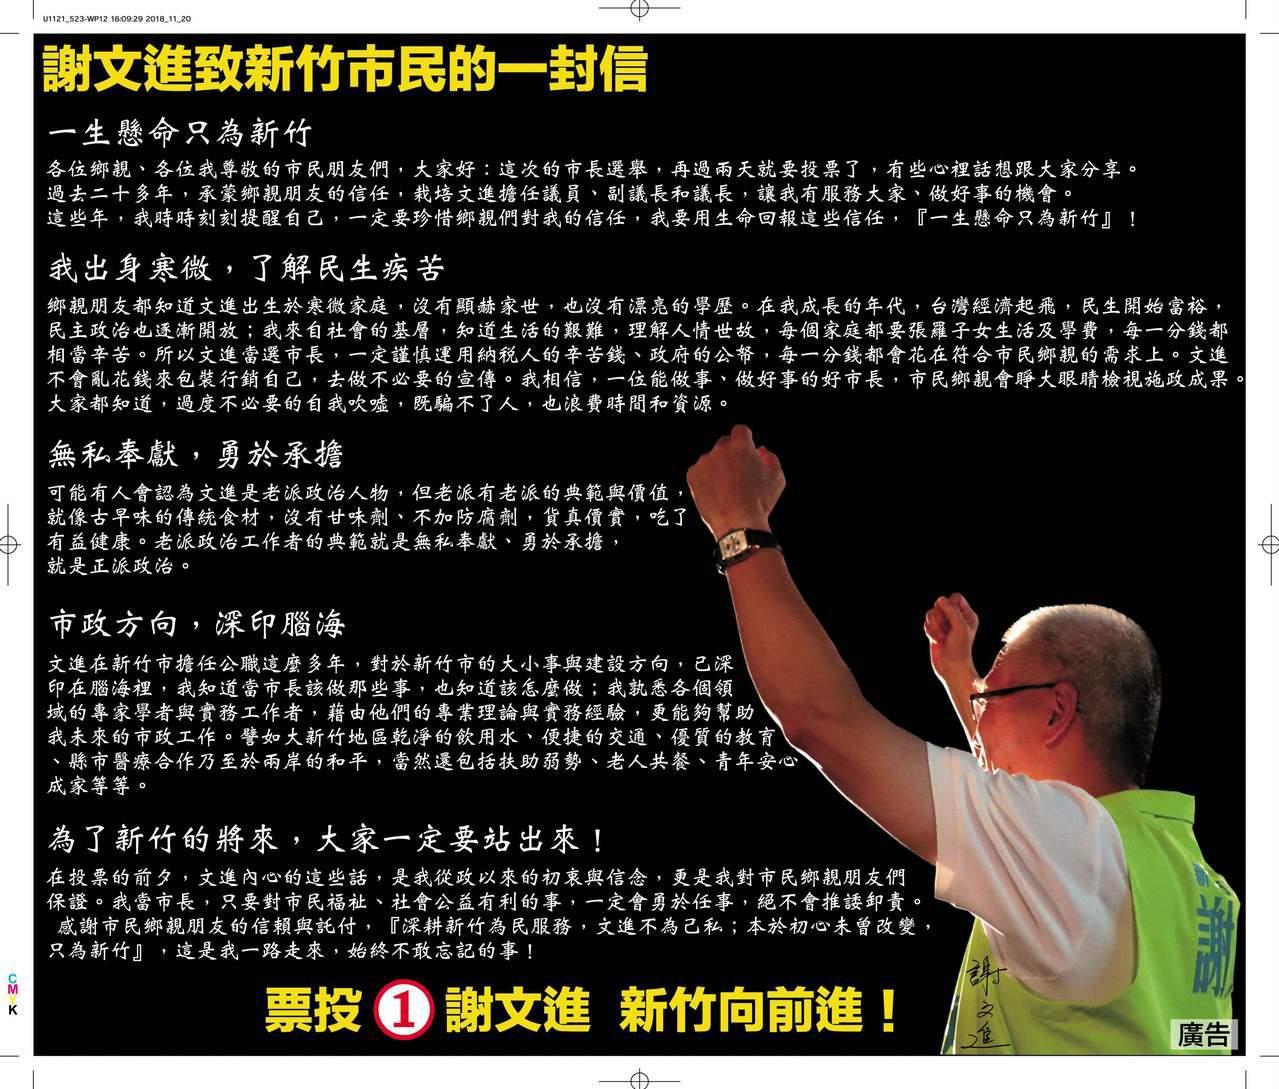 無黨籍新竹市長謝文進今天採取柔性攻勢,在聯合報發表「一生懸命為新竹」的公開信,說...